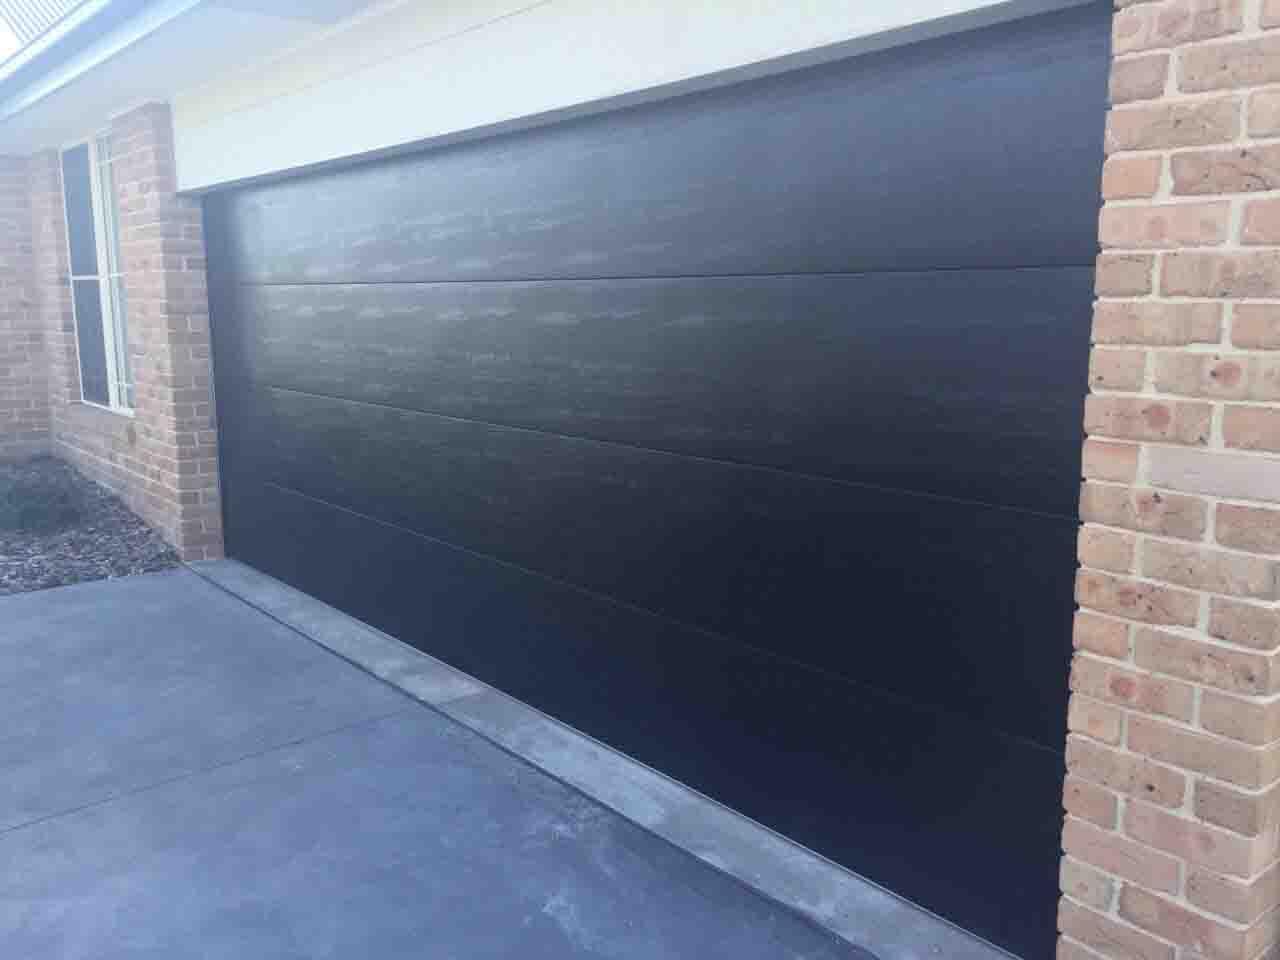 Panel Glide Overhead Doors Impact Garage Doors